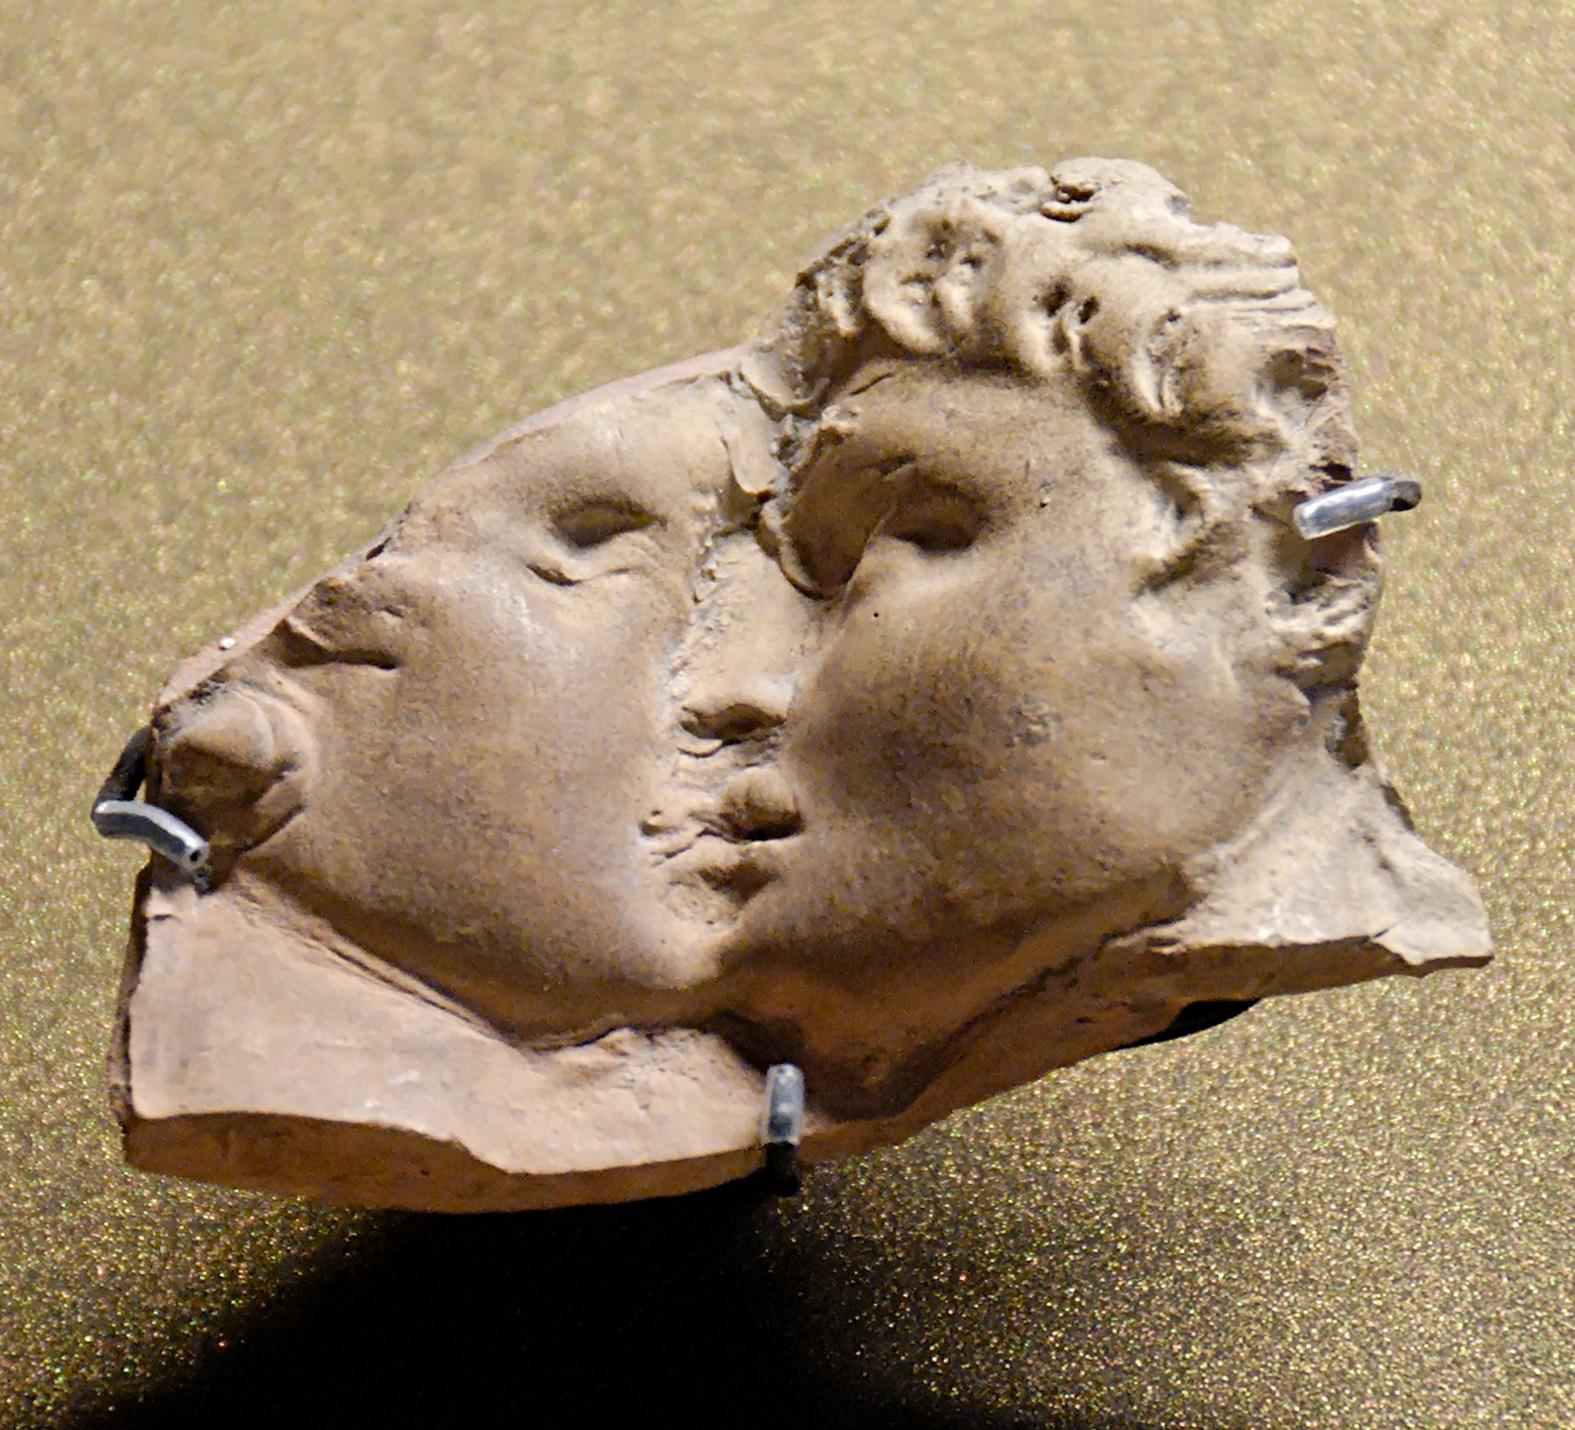 Erromako hiria fundatzearekin bat, Ius Osculi edo musu emateko eskubidea  jarri zuten indarrean. Praktikan, alkoholemia kontrol sexista modukoa zen (Louvre).